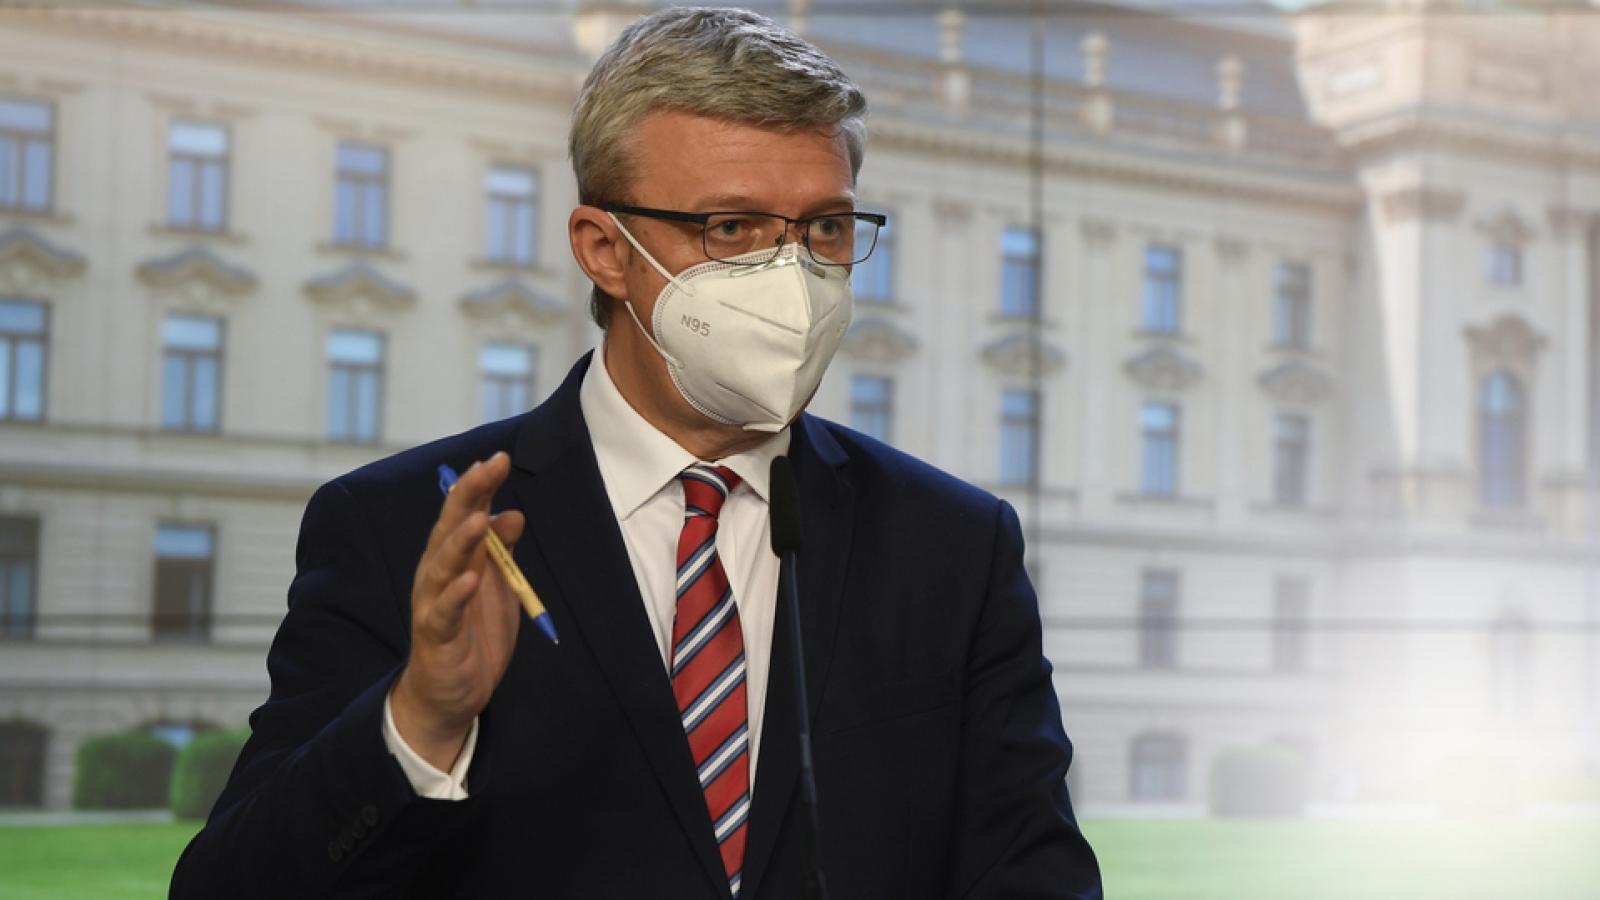 Các công ty lớn ở Séc bắt buộc phải xét nghiệm Covid-19 cho nhân viên